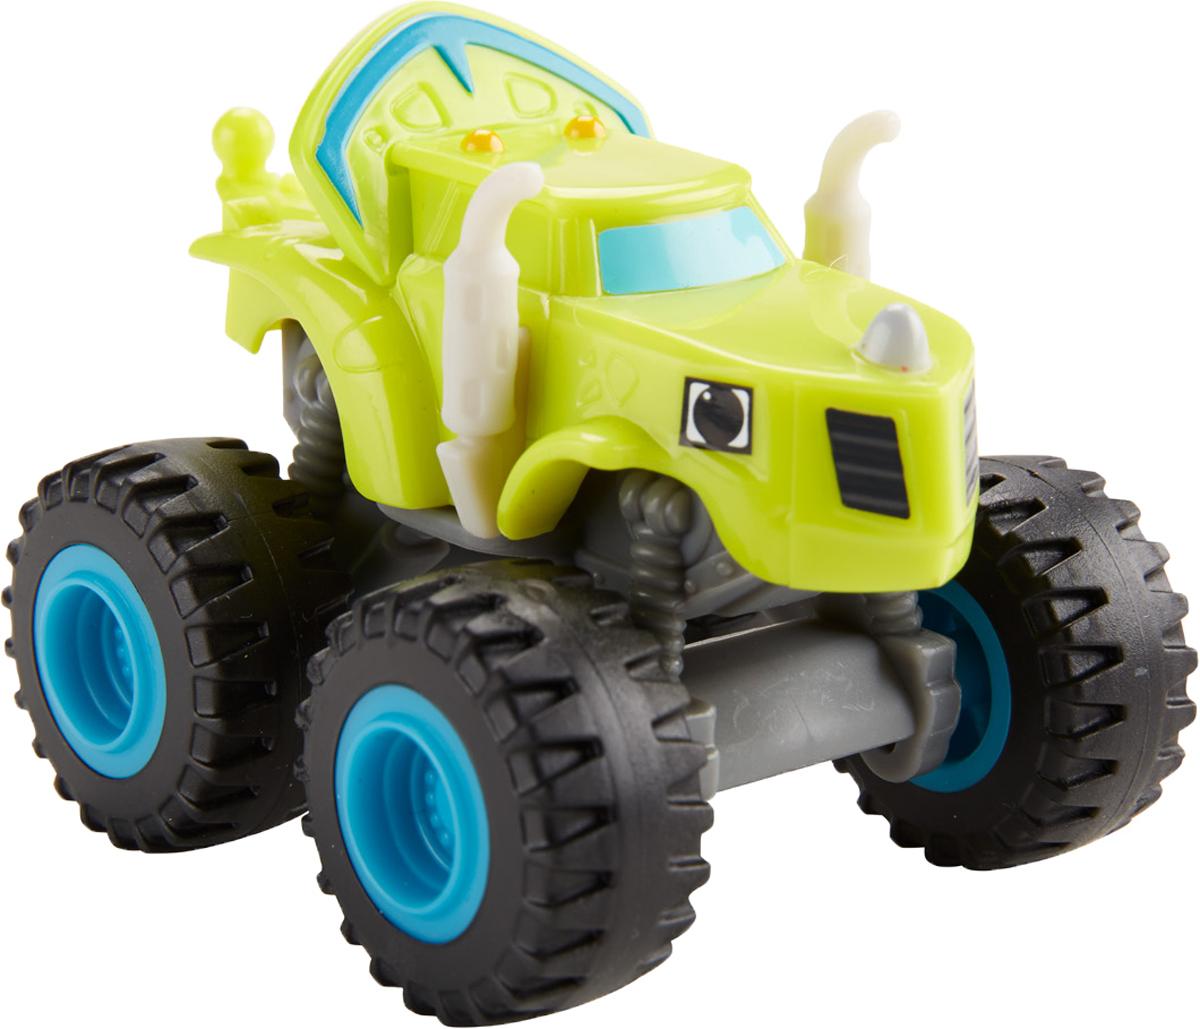 Blaze Машинка Зэг DKV86DKV81_DKV86Машинка Blaze Зэг выполнена из пластика в виде героя популярного мультсериала Вспыш и чудо-машинки. У этого мультяшного монстр-трака широкие колеса и яркий оригинальный кузов. Колеса машинки обладают свободным ходом. Машинка свободно катается по любым поверхностям и легко повторяет трюки из мультфильма. Вспыш и чудо-машинки - история про Эй-Джея, восьмилетнего любителя техники, который водит пикап по имени Блейз (Вспыш), побеждающий на всех гонках в Аксель-Сити. Они вместе отправляются в приключения, требующие знания физики и математики. Их ждет множество трудностей от главного соперника Блейза - Крашера, грузовика, который готов пойти на все, чтобы быть на финише первым. Зэг - добрый и хороший, лучший друг Вспыша. Рекомендуем!